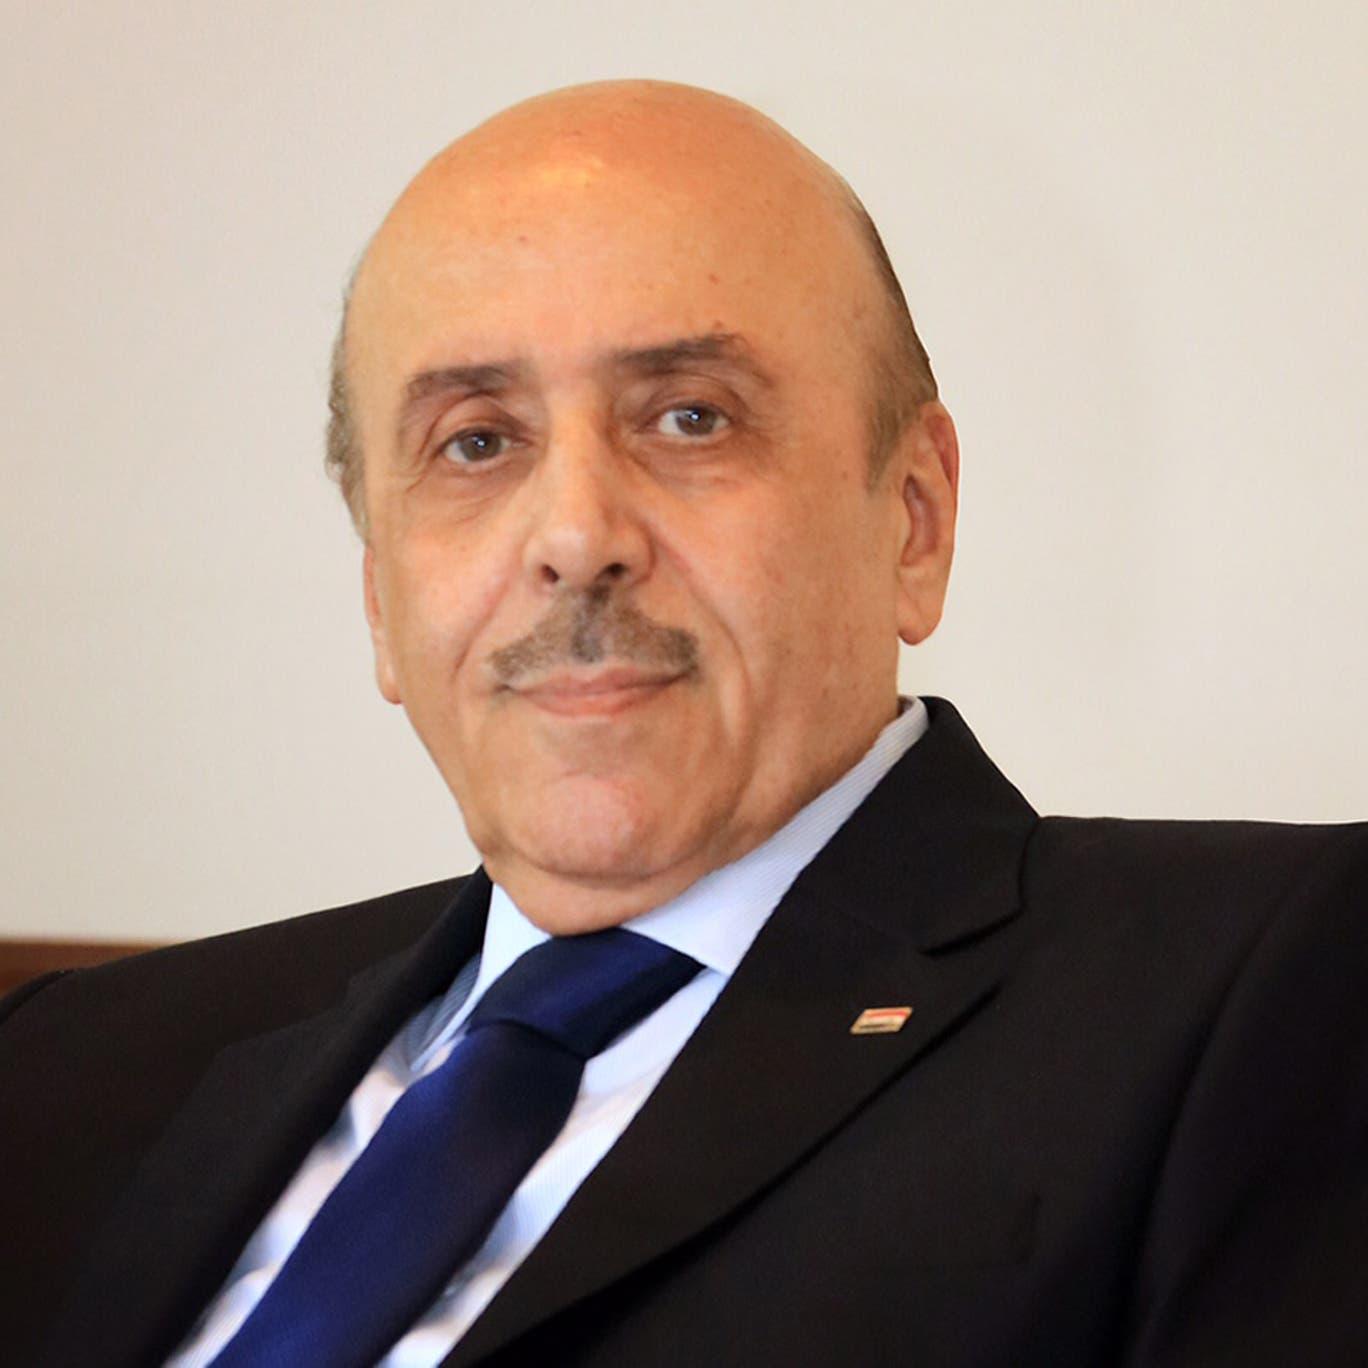 هل أصدر الأسد قرار تعيين اللواء علي مملوك نائباً له؟